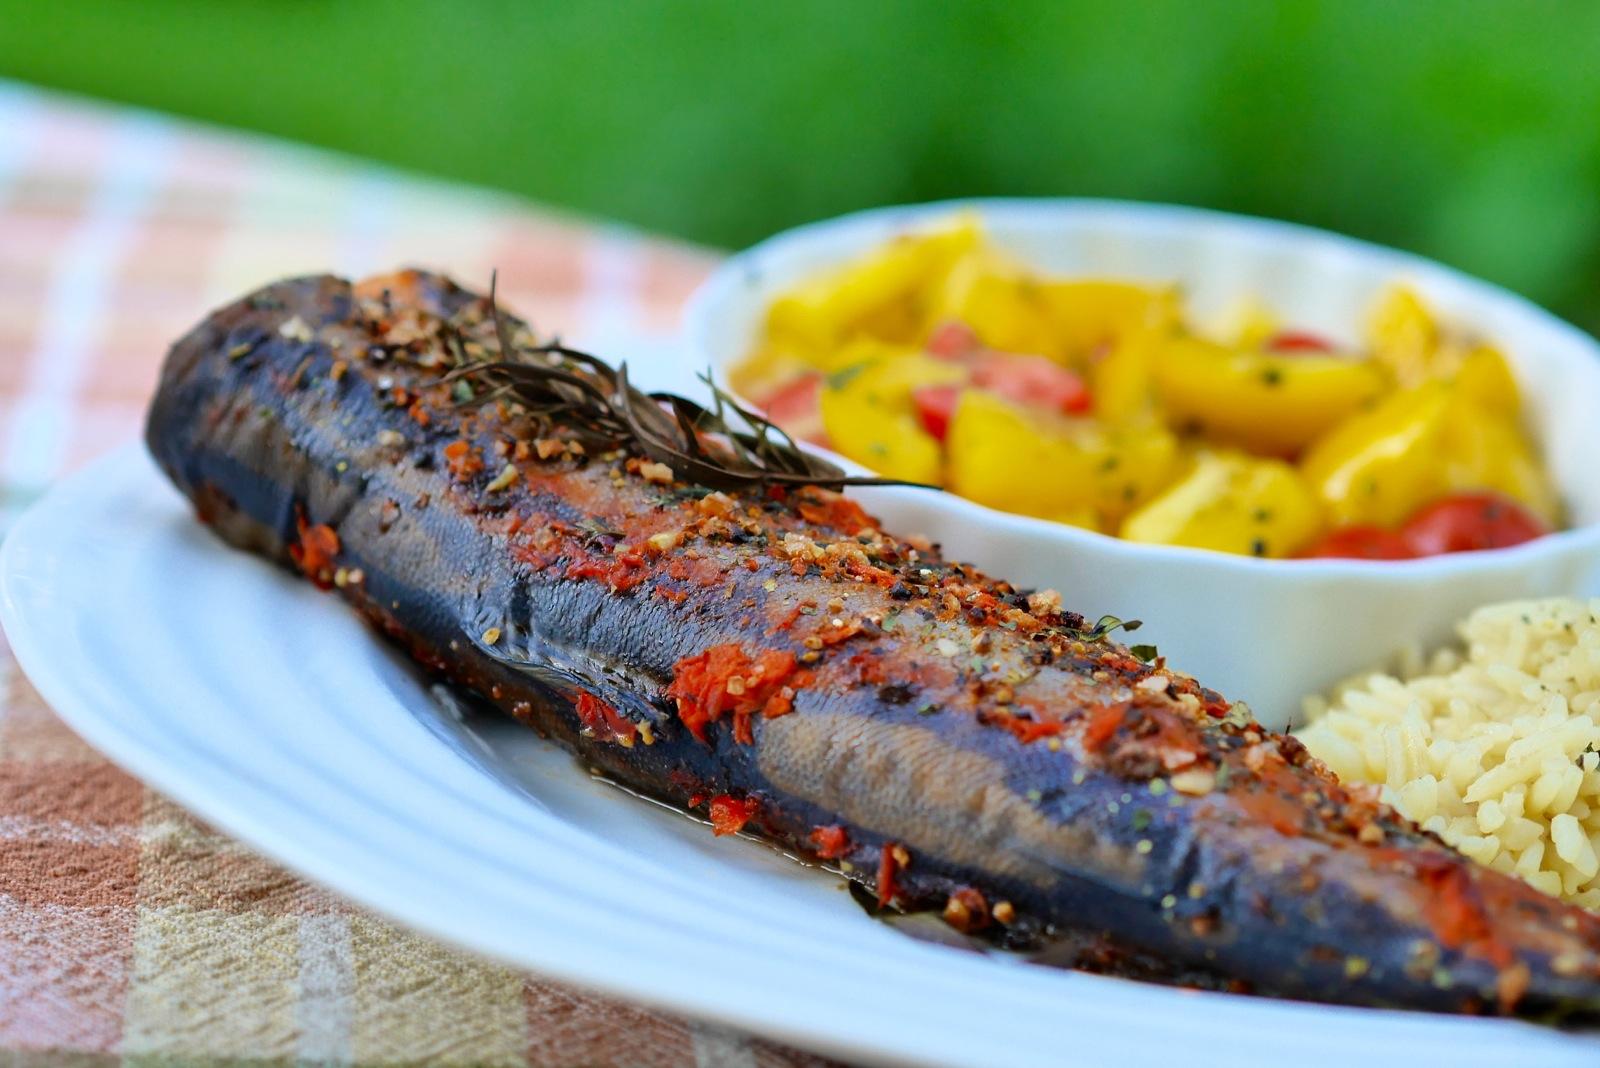 Truite au four à l'estragon, servie avec un bon riz et une salade de poivrons et tomates à l'ail, le tout dégusté au coin du potager!